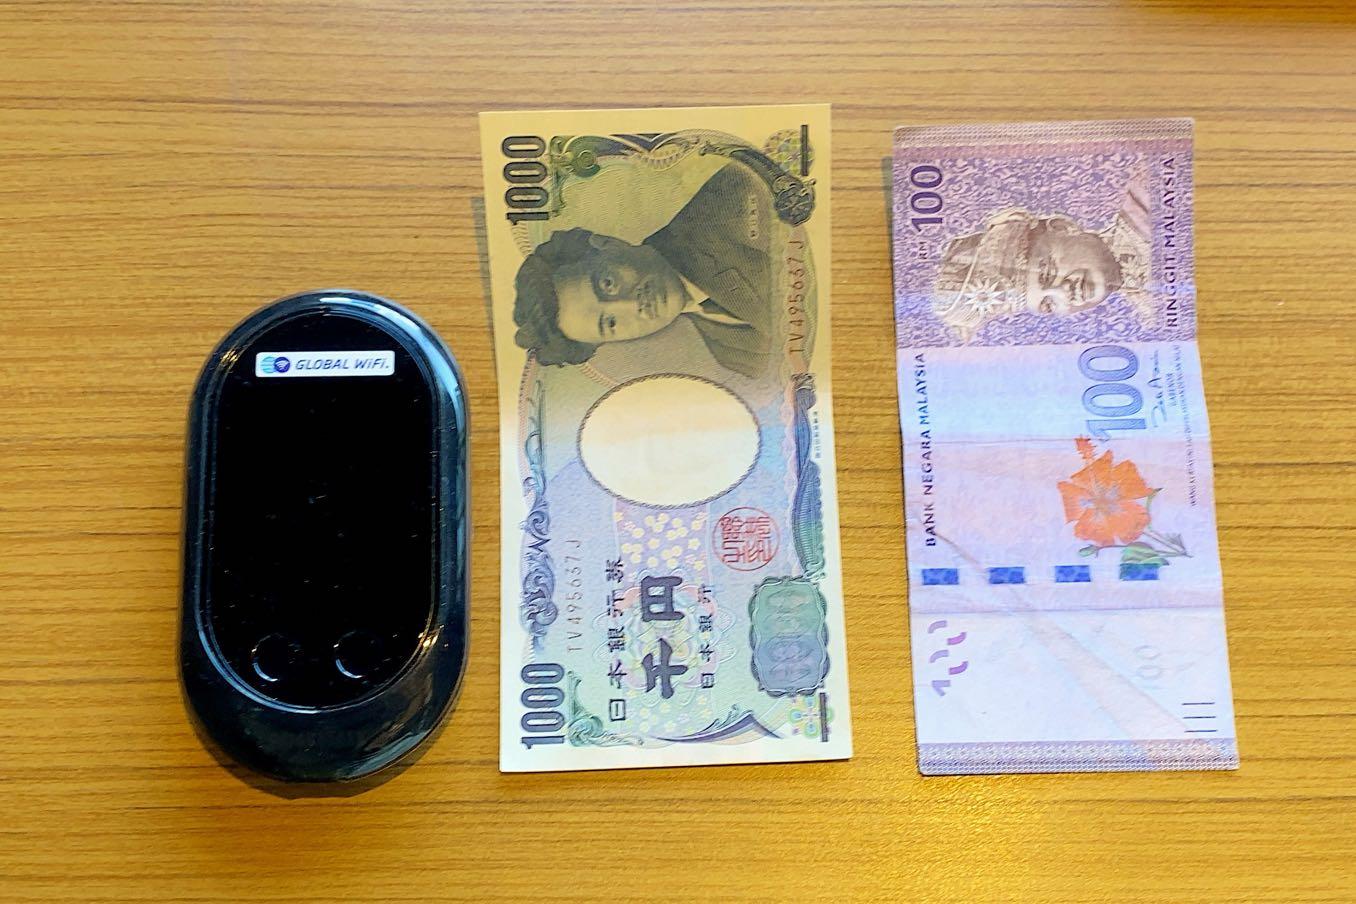 1,000円札・100リンギット札と比較